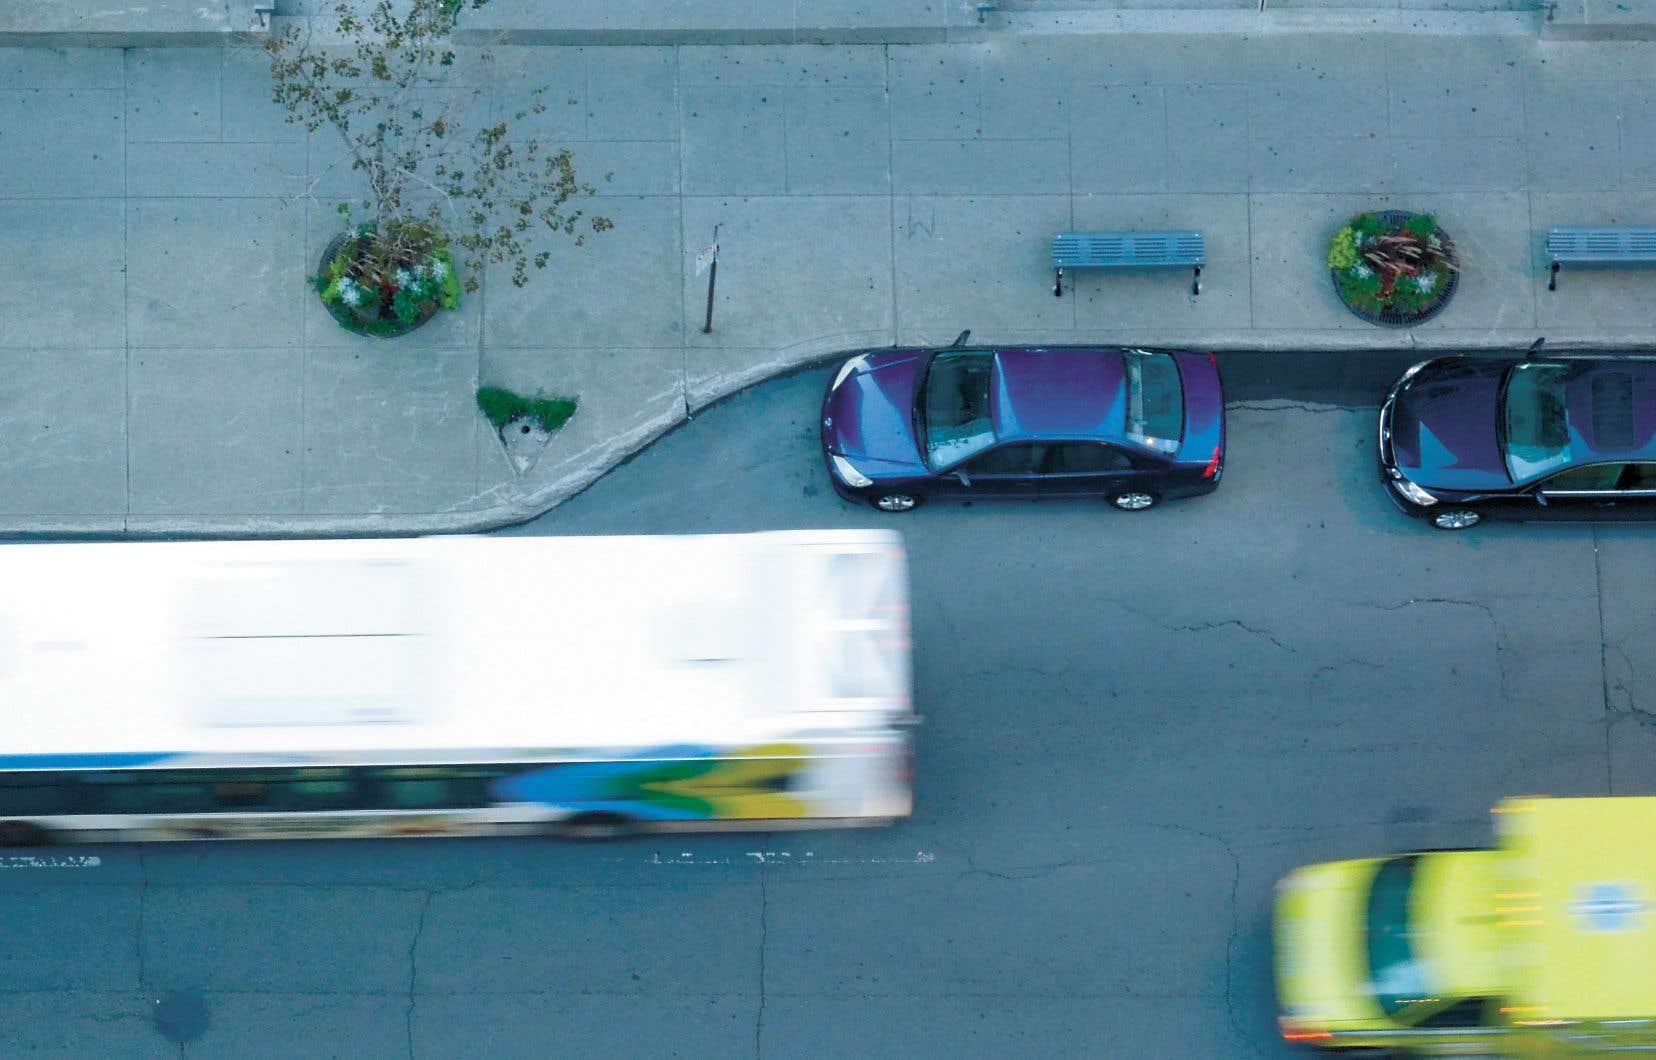 «Le très beau message de la métropole [...], c'est de vouloir partir du transport collectif et de greffer le reste. On n'essaye pas d'augmenter la place de la voiture individuelle, mais plutôt de la relativiser sans diminuer le confort et la qualité de déplacement», expliqueJean-François Tremblay, président-directeur général de Jalon